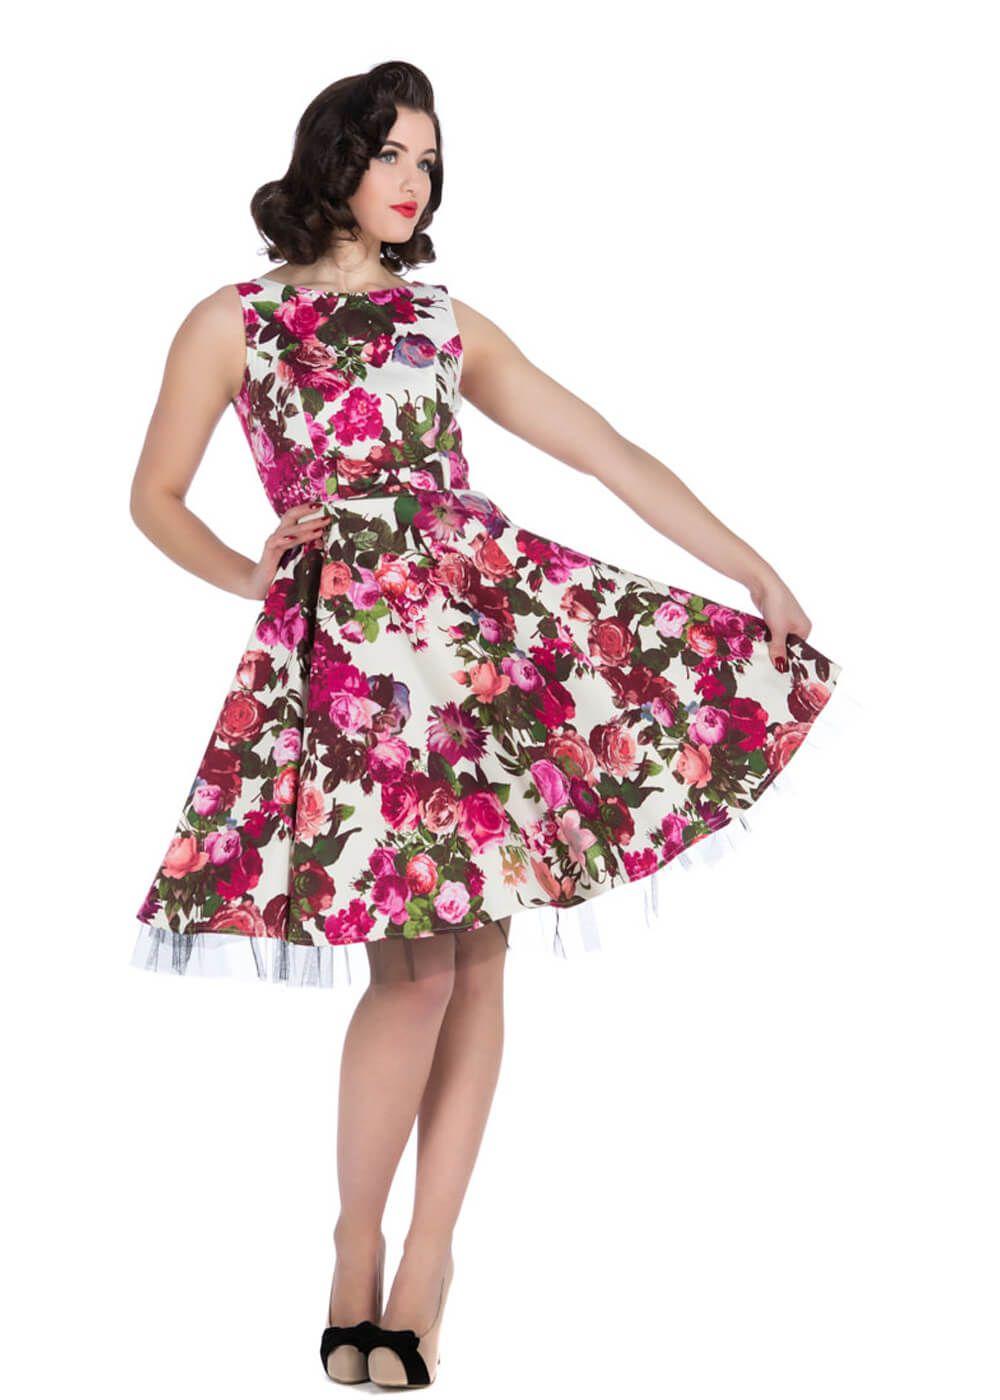 Retro Kleding.Retro Kleding Hr Betty Vintage Rose Dress We Zien Natuurlijk Veel